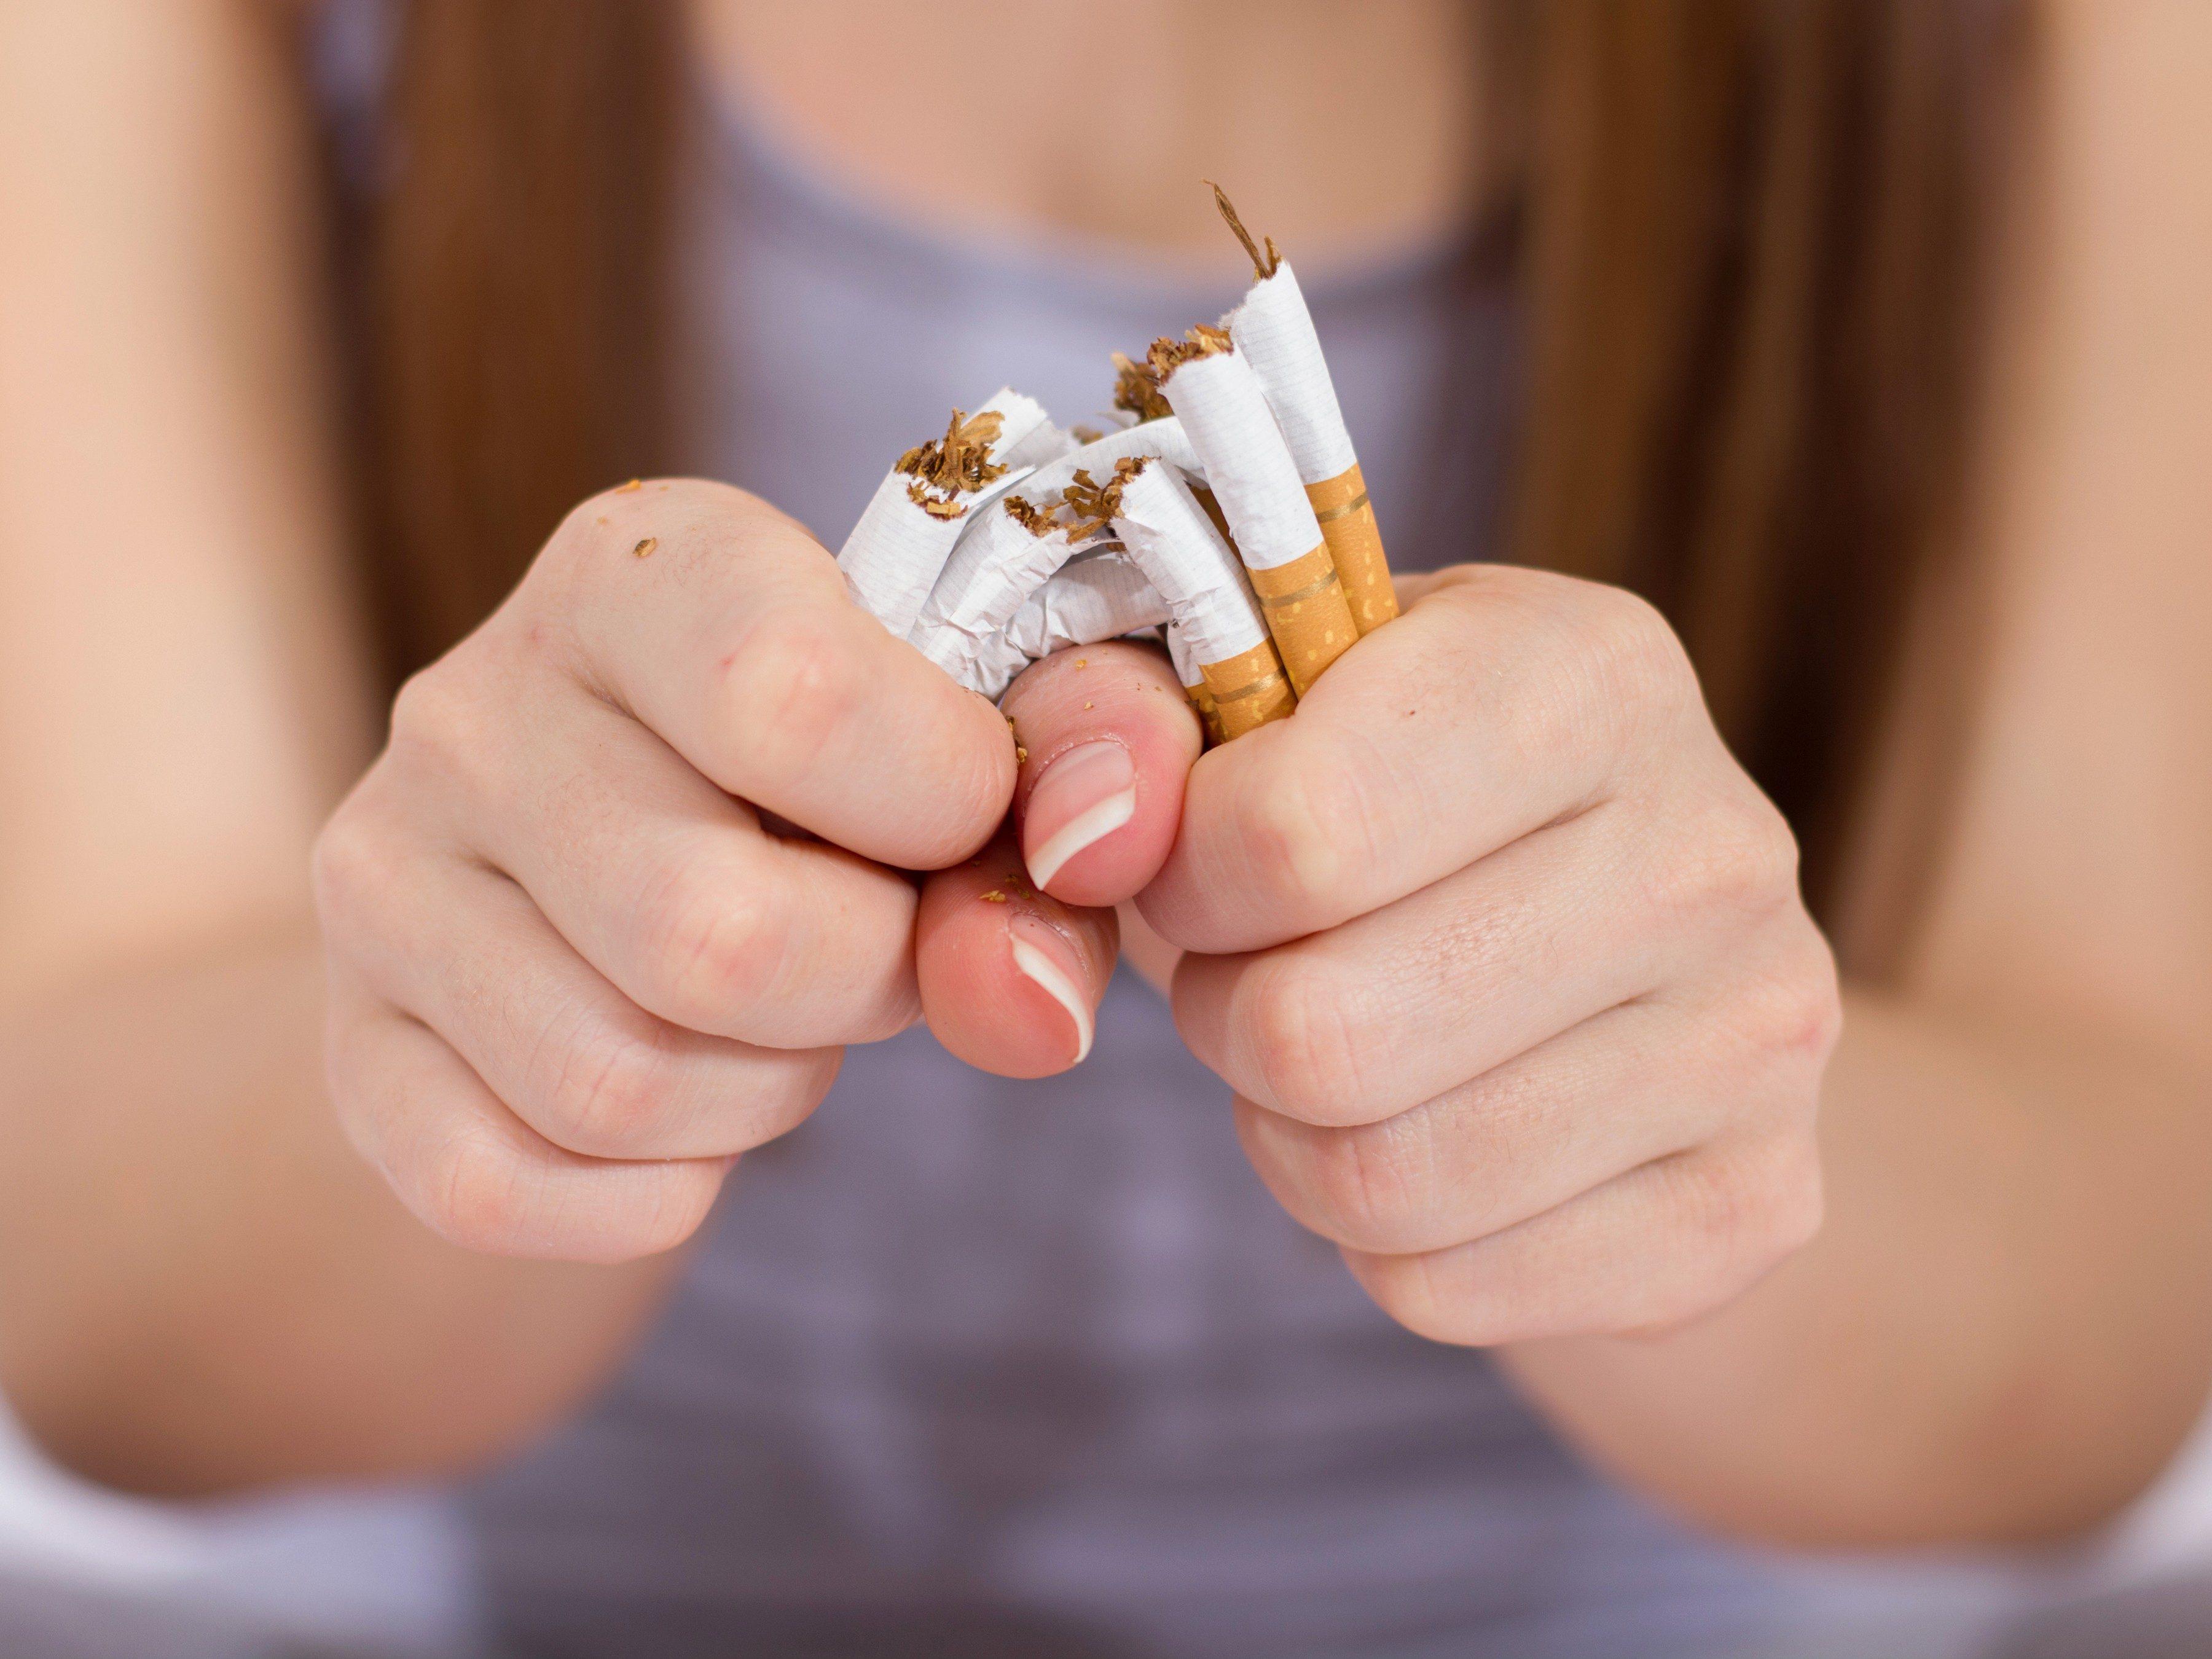 5. Stop smoking